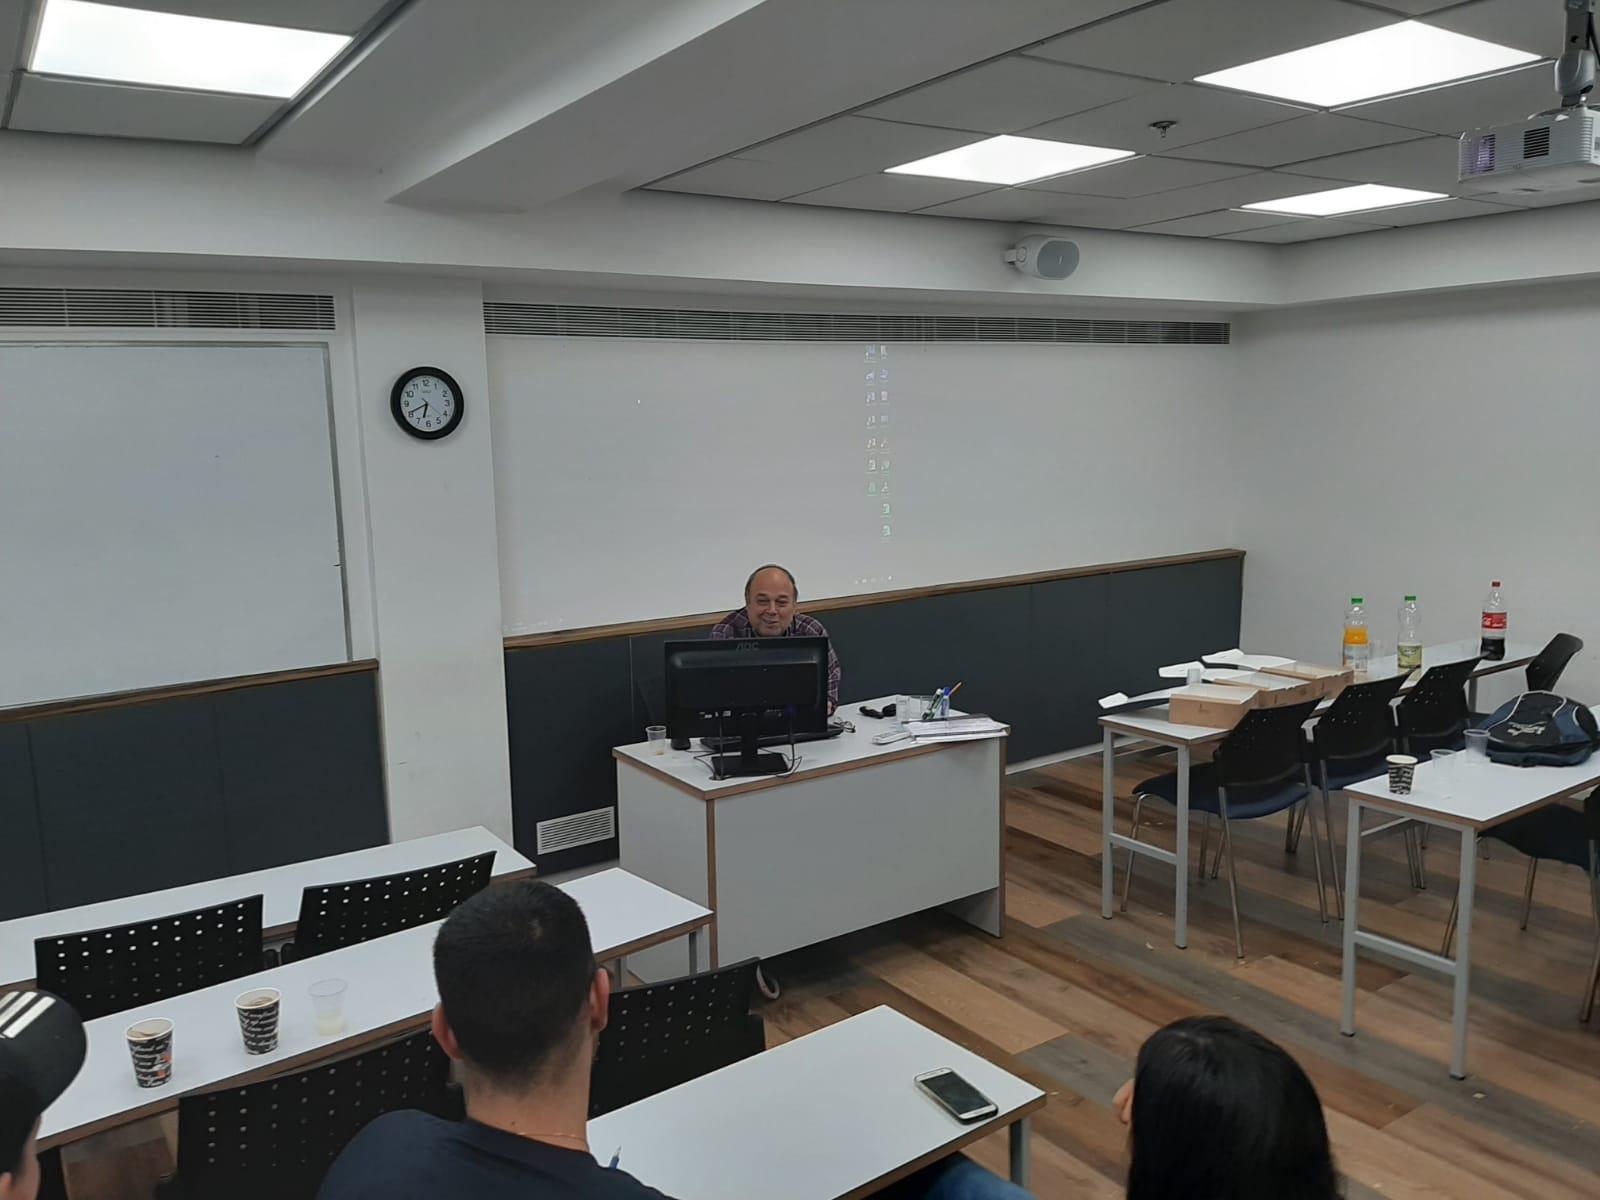 גלרייה - סיום קורס ניהול לוגיסטיקה ומחסן ממוחשב בכיר מחזור 39, 22 מתוך 38